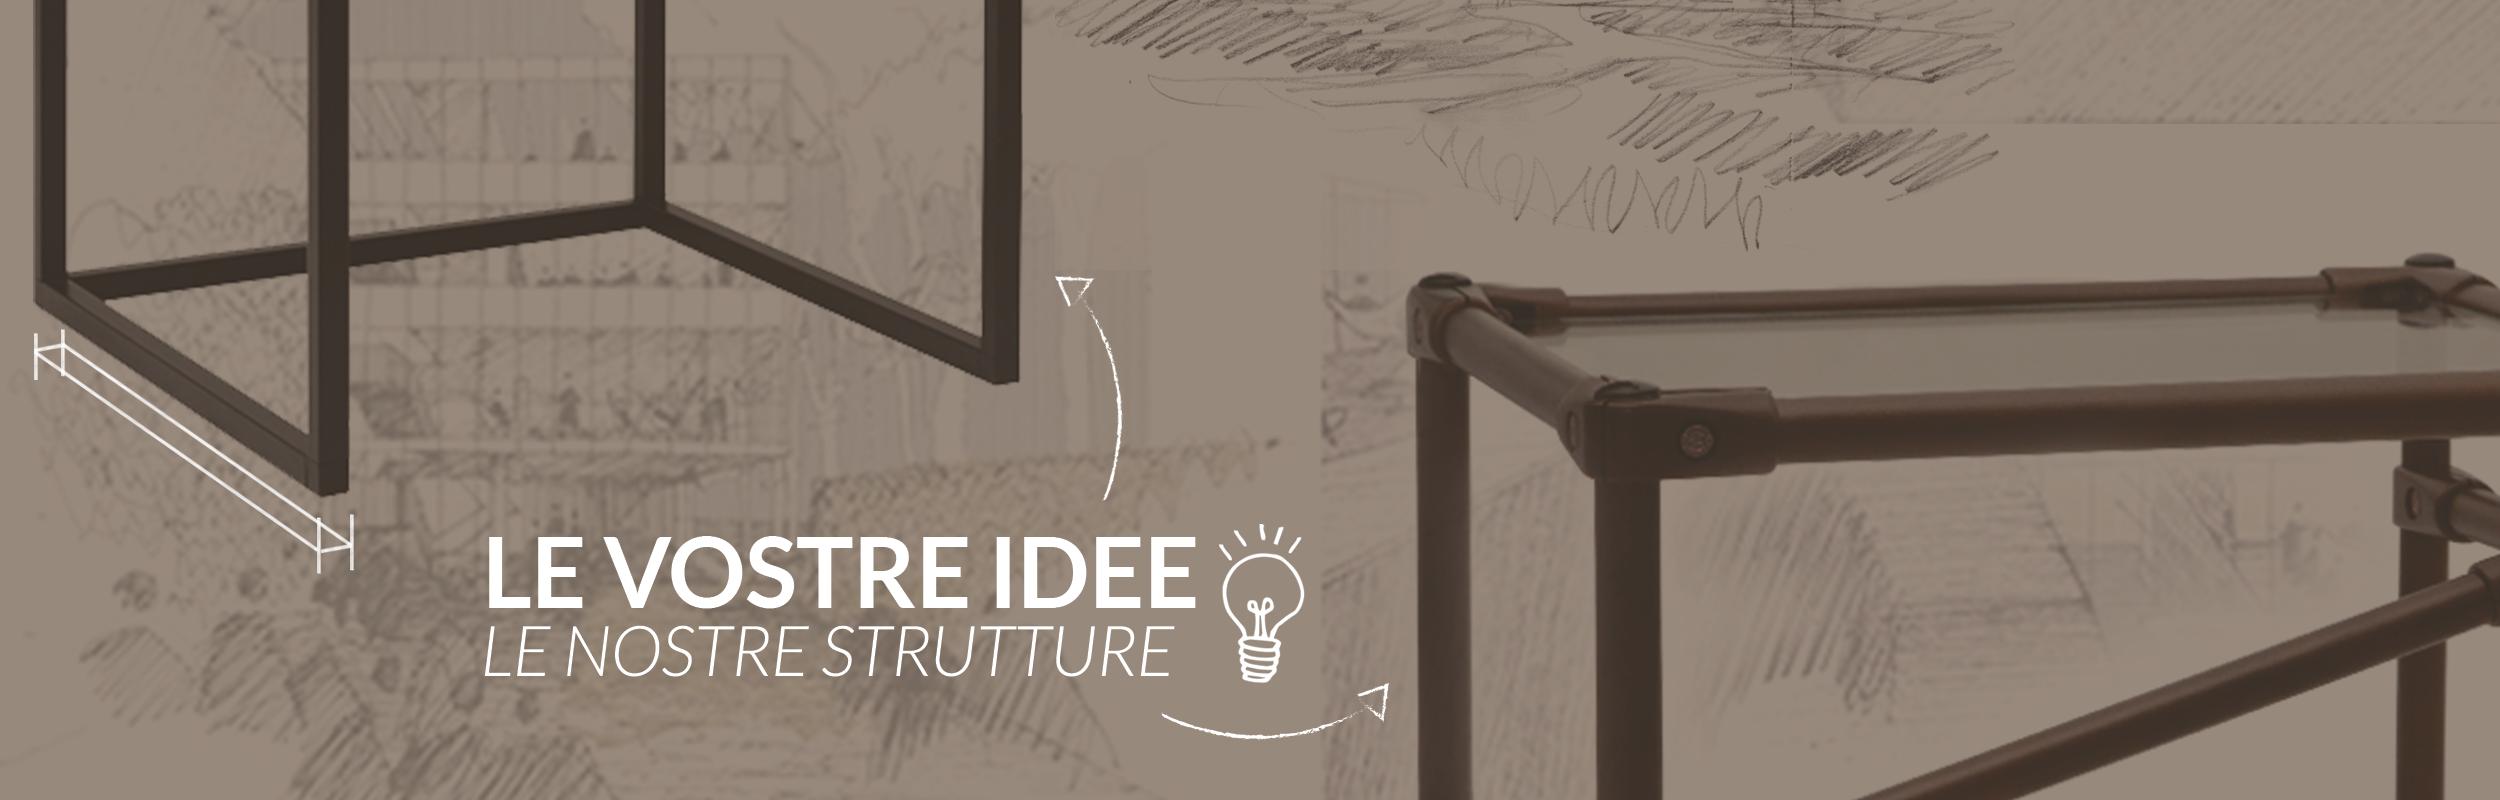 Le_Vostre_Idee-prodotti